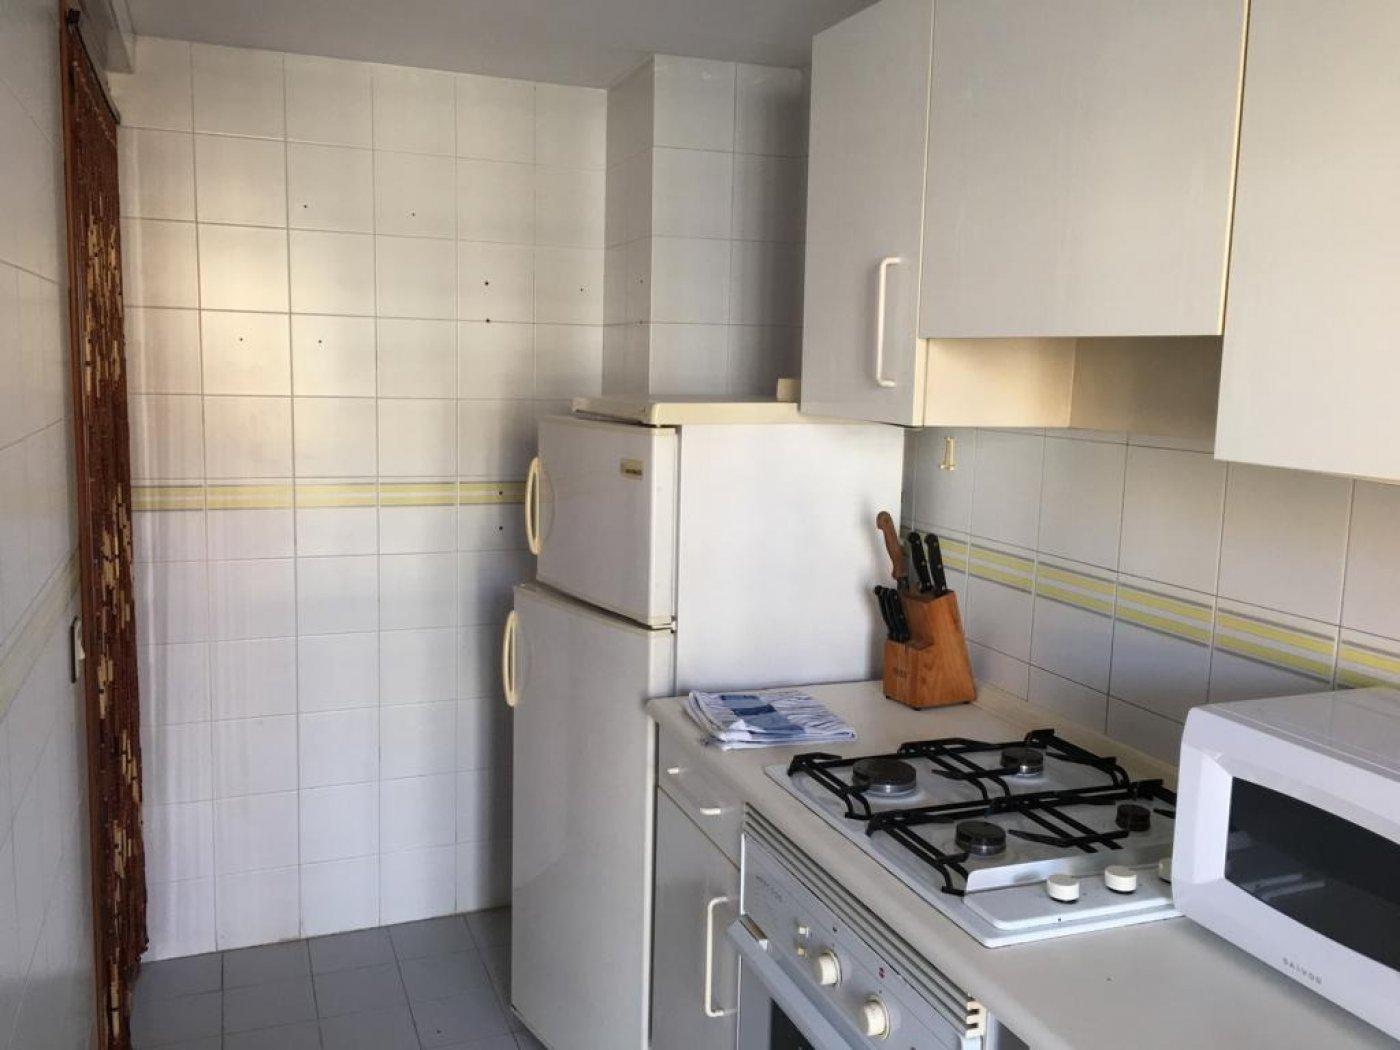 Estupendo apartamento en portsaplaya!!! - imagenInmueble7